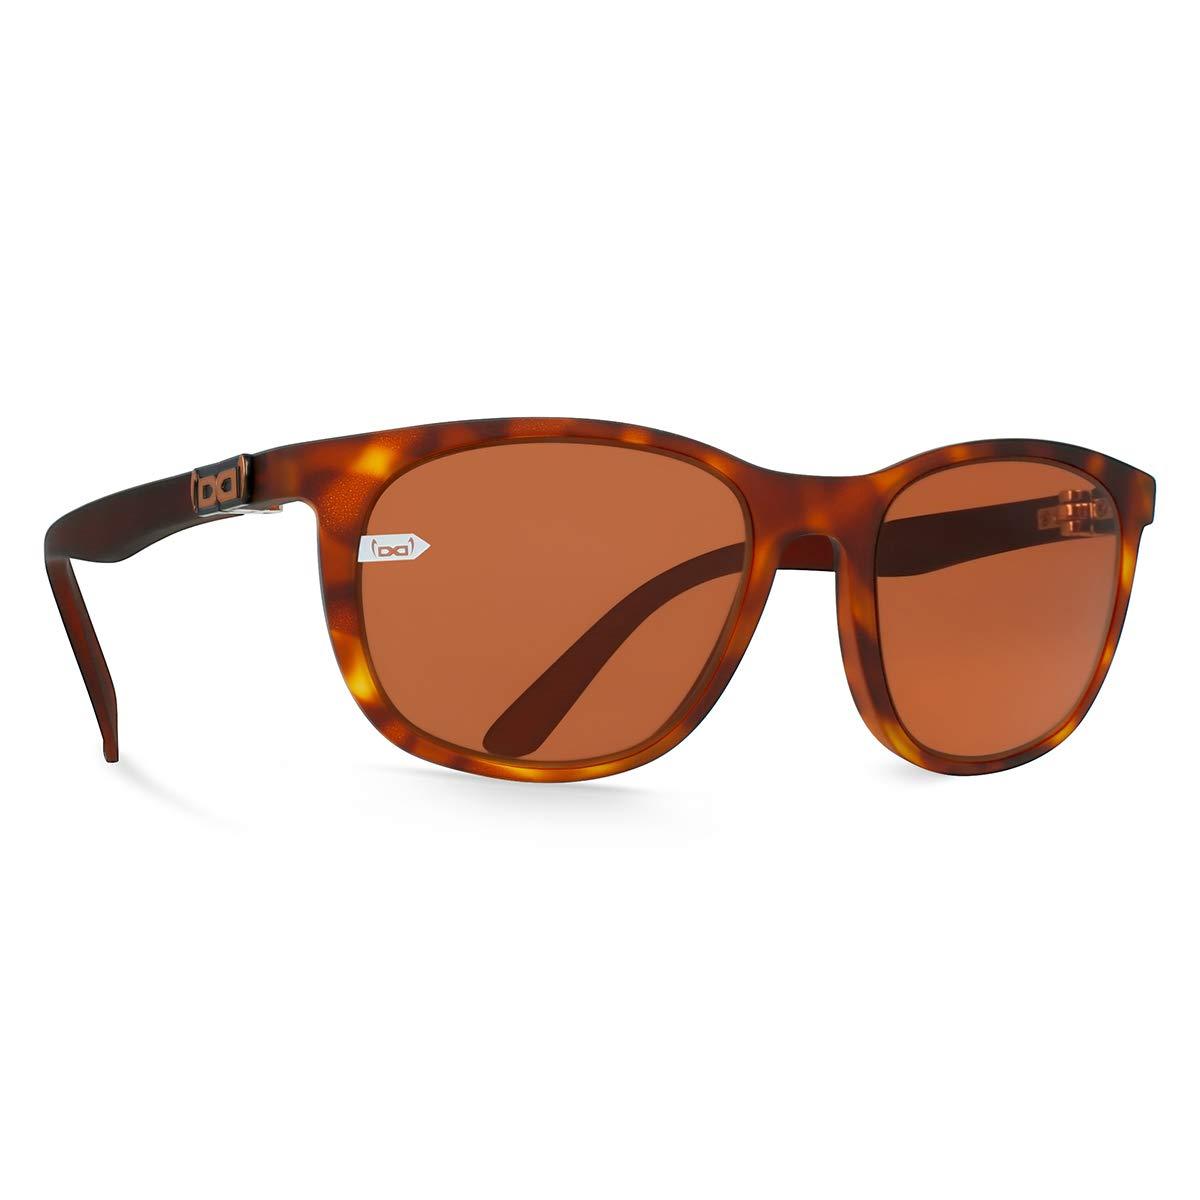 Gloryfy unbreakable eyewear Gi28 Eyelove Sun Gelb Havanna Sonnenbrille, Braun, Uni